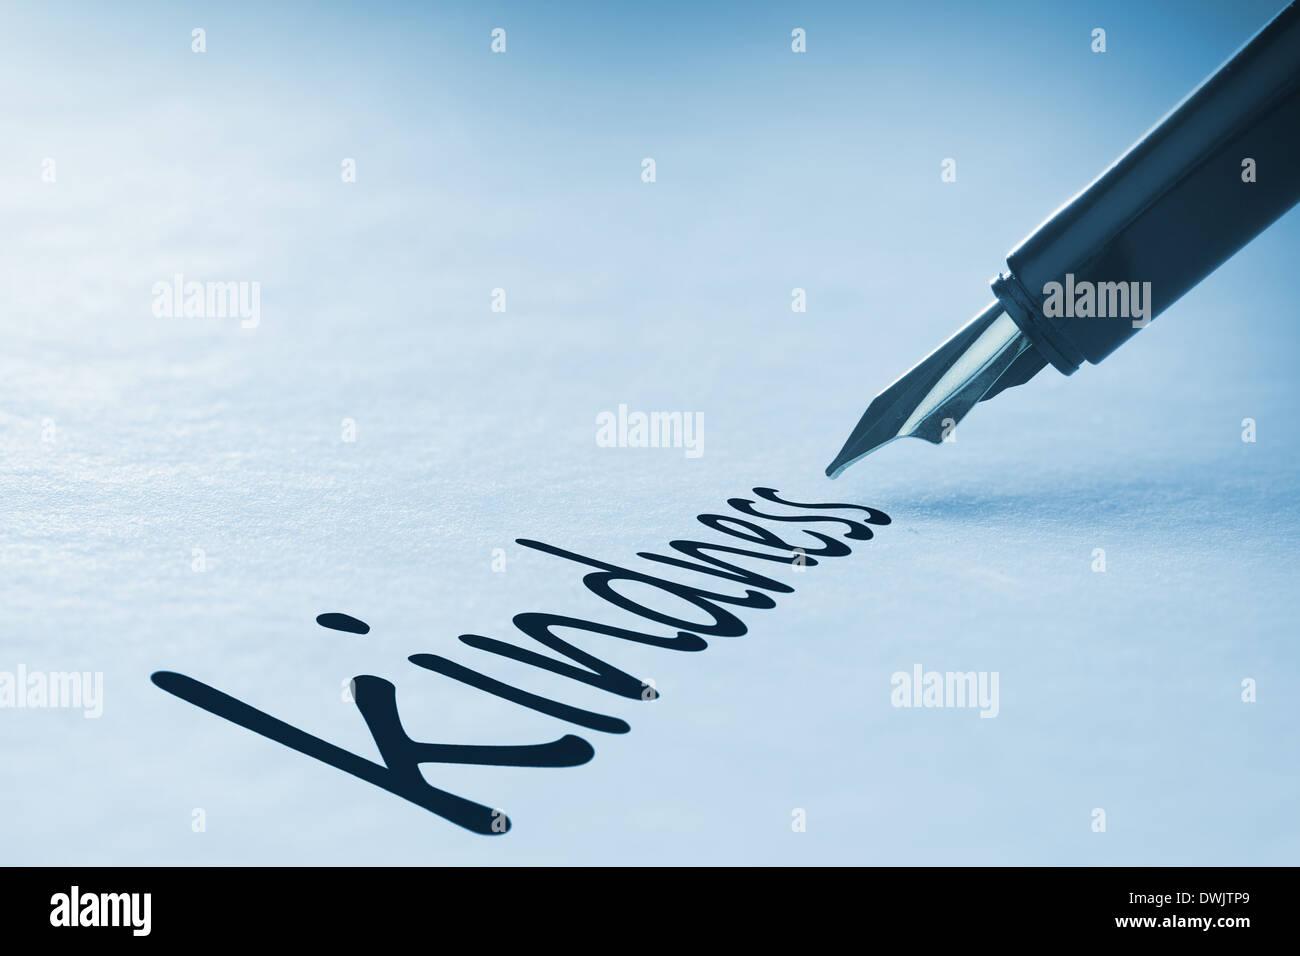 Penna stilografica iscritto gentilezza Immagini Stock